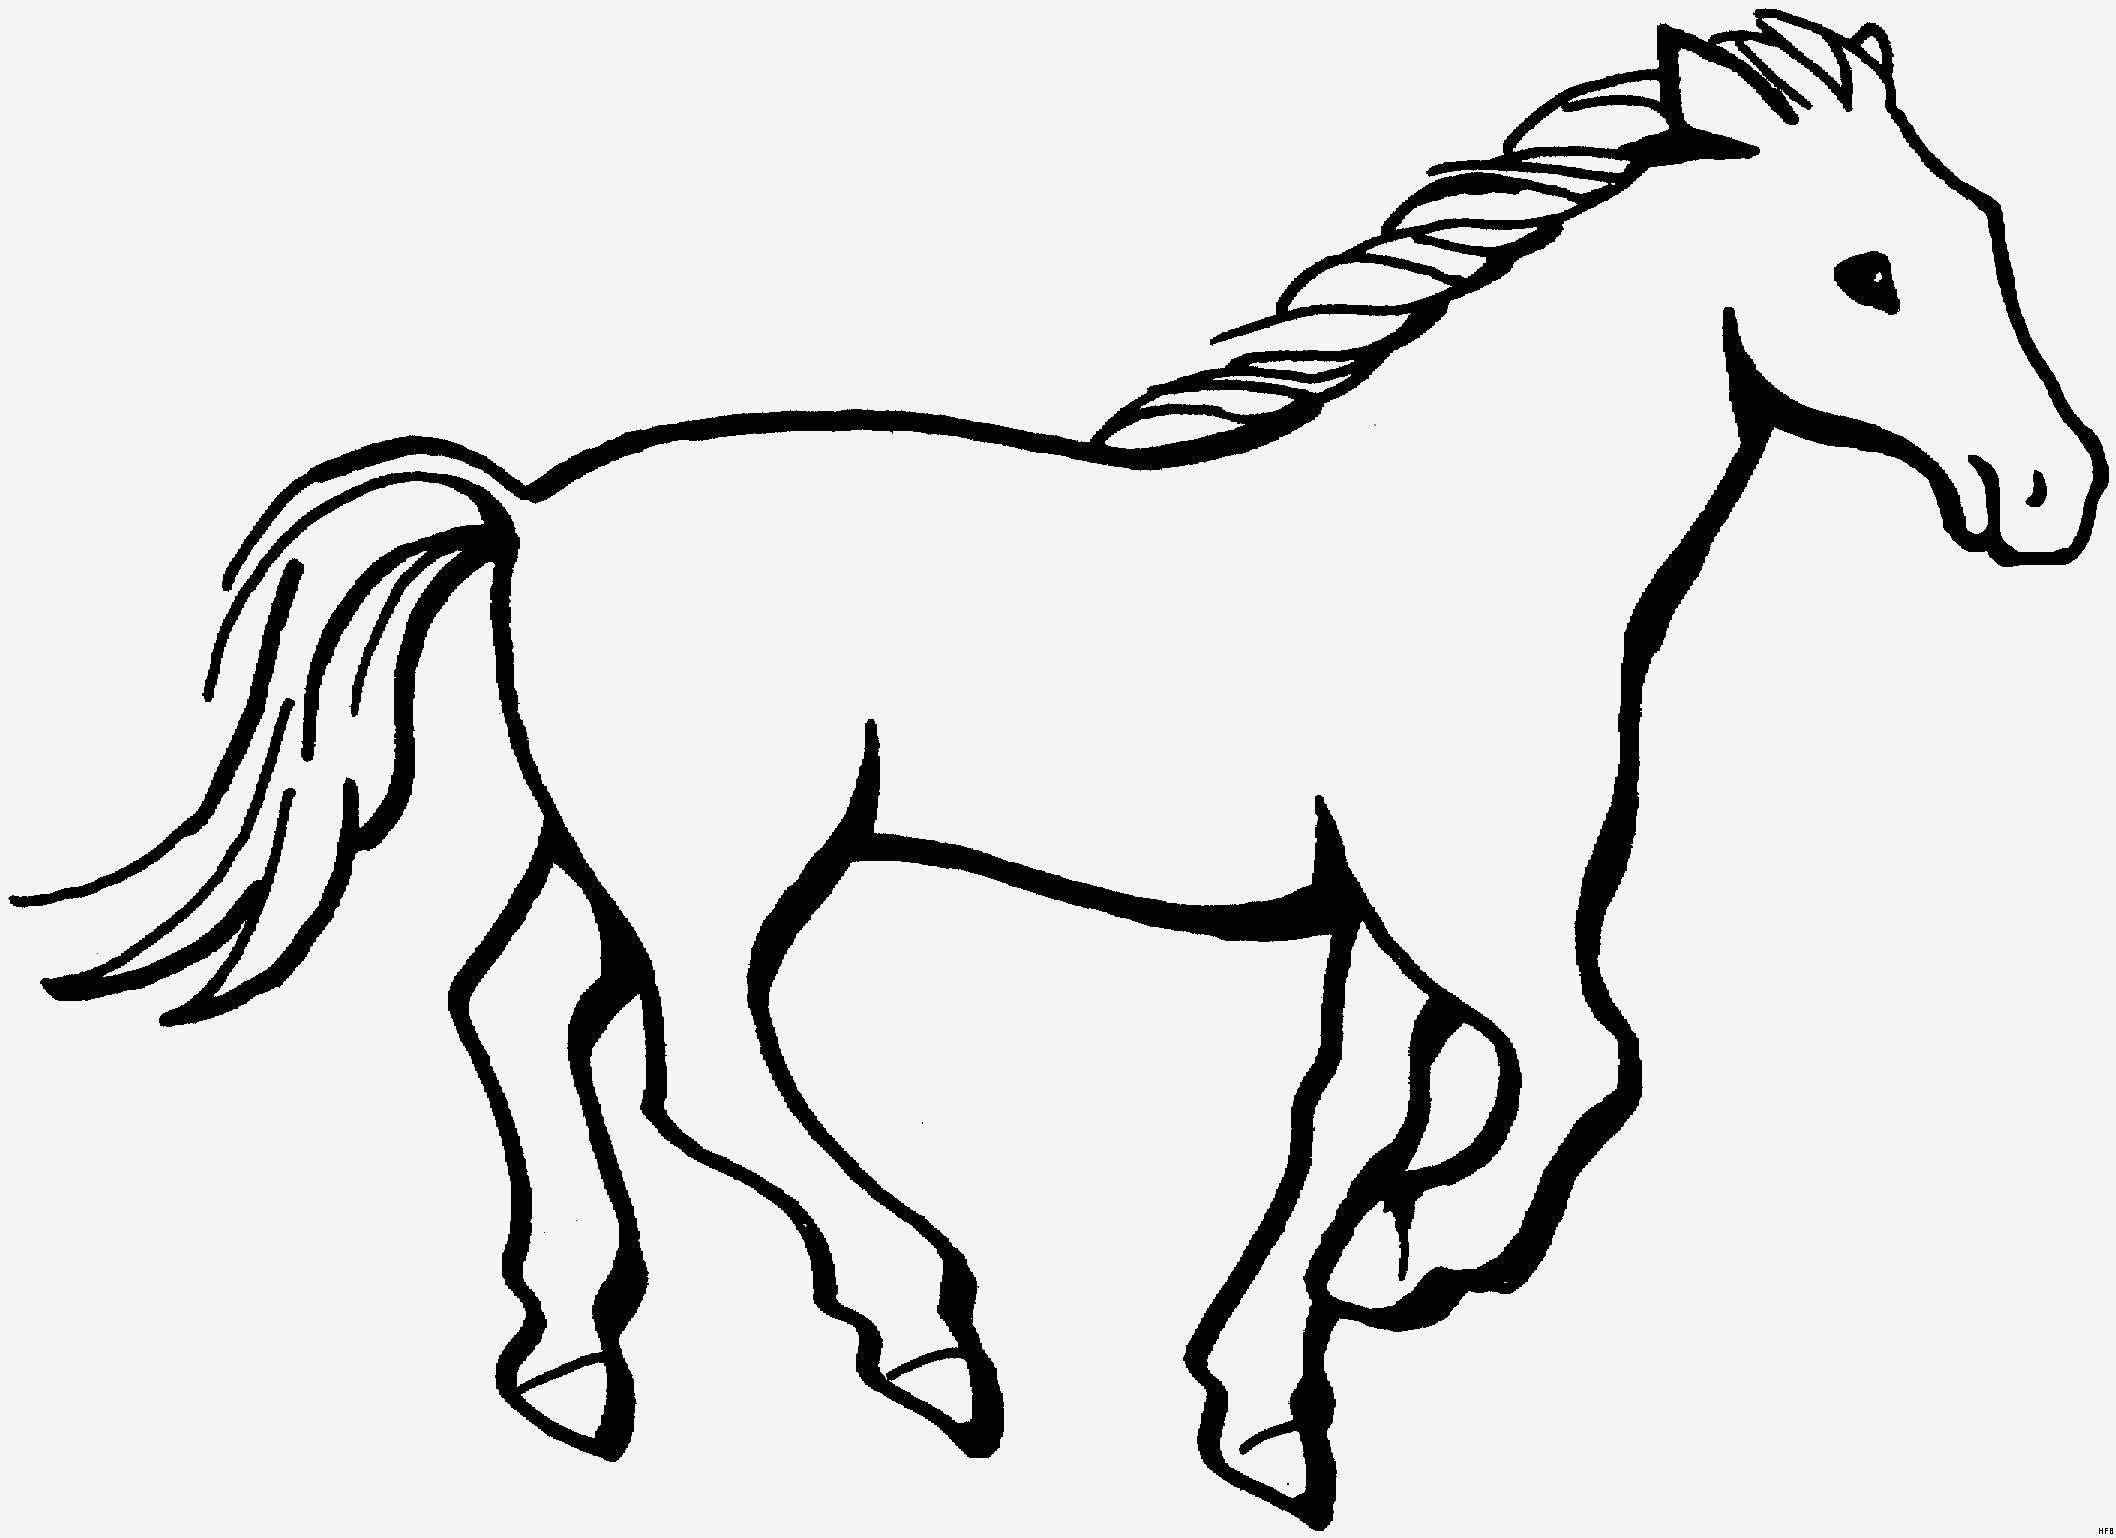 Ausmalbilder Filly Pferd Frisch Bilder Zum Ausmalen Bekommen Filly Pferde Ausmalbilder Galerie